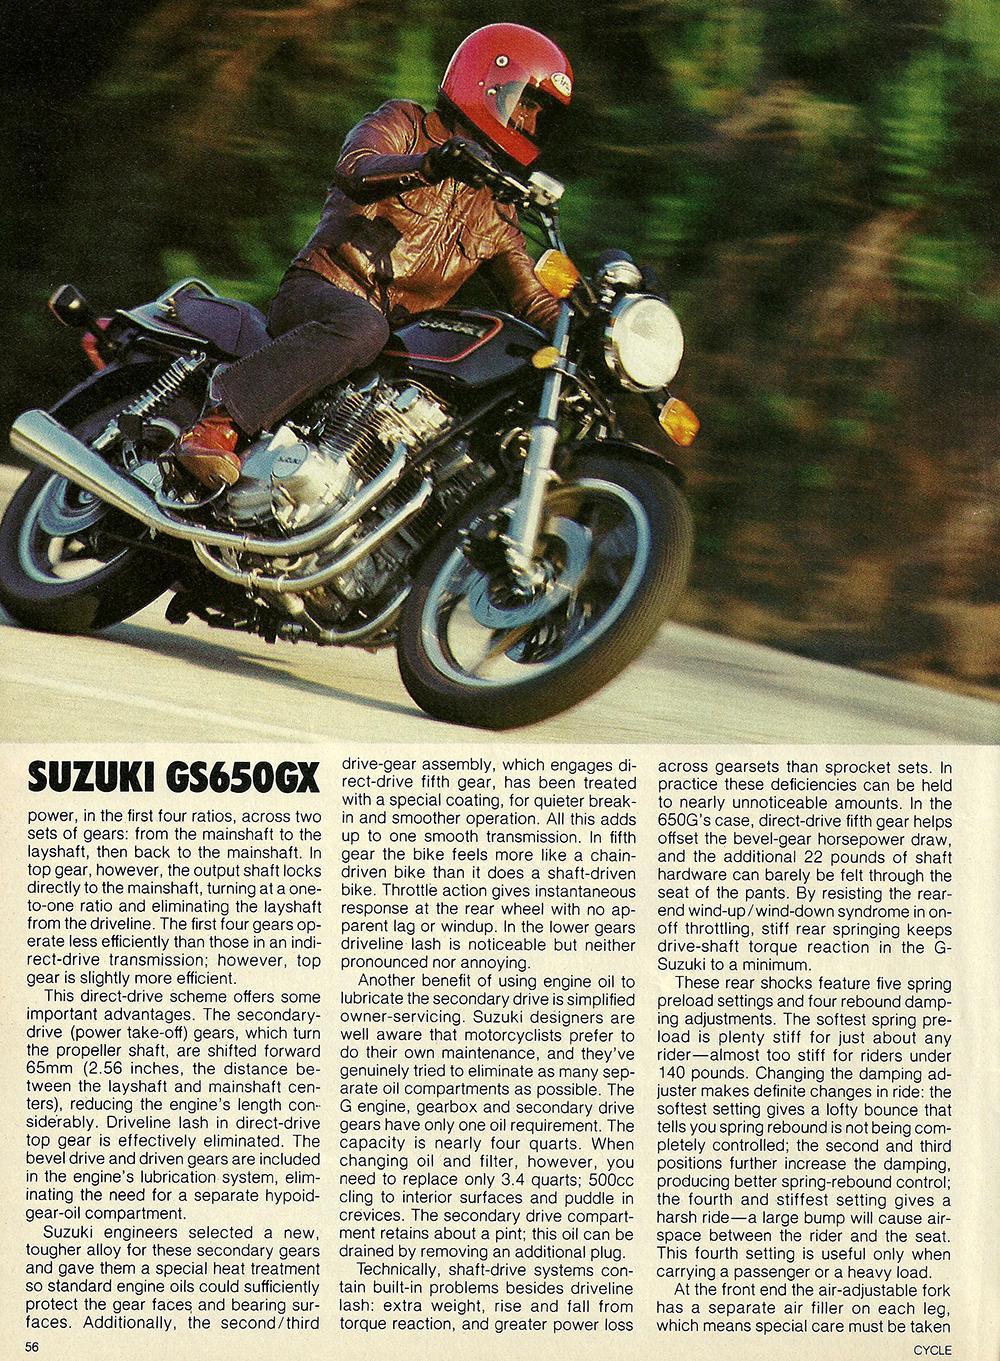 1981 Suzuki GS650 GX road test 03.jpg